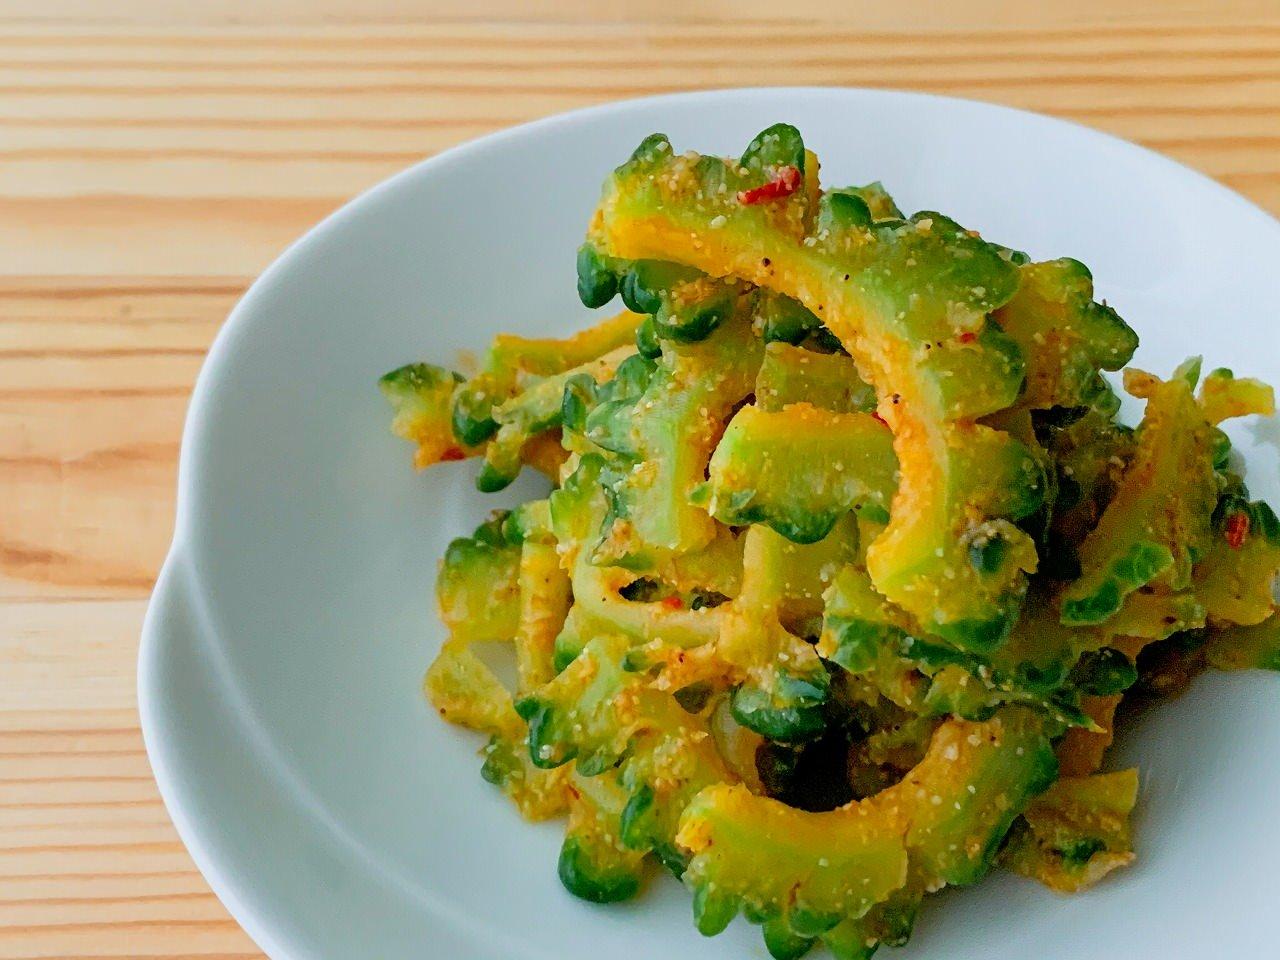 【野菜ひとつ】ゴーヤのエスニックサラダ